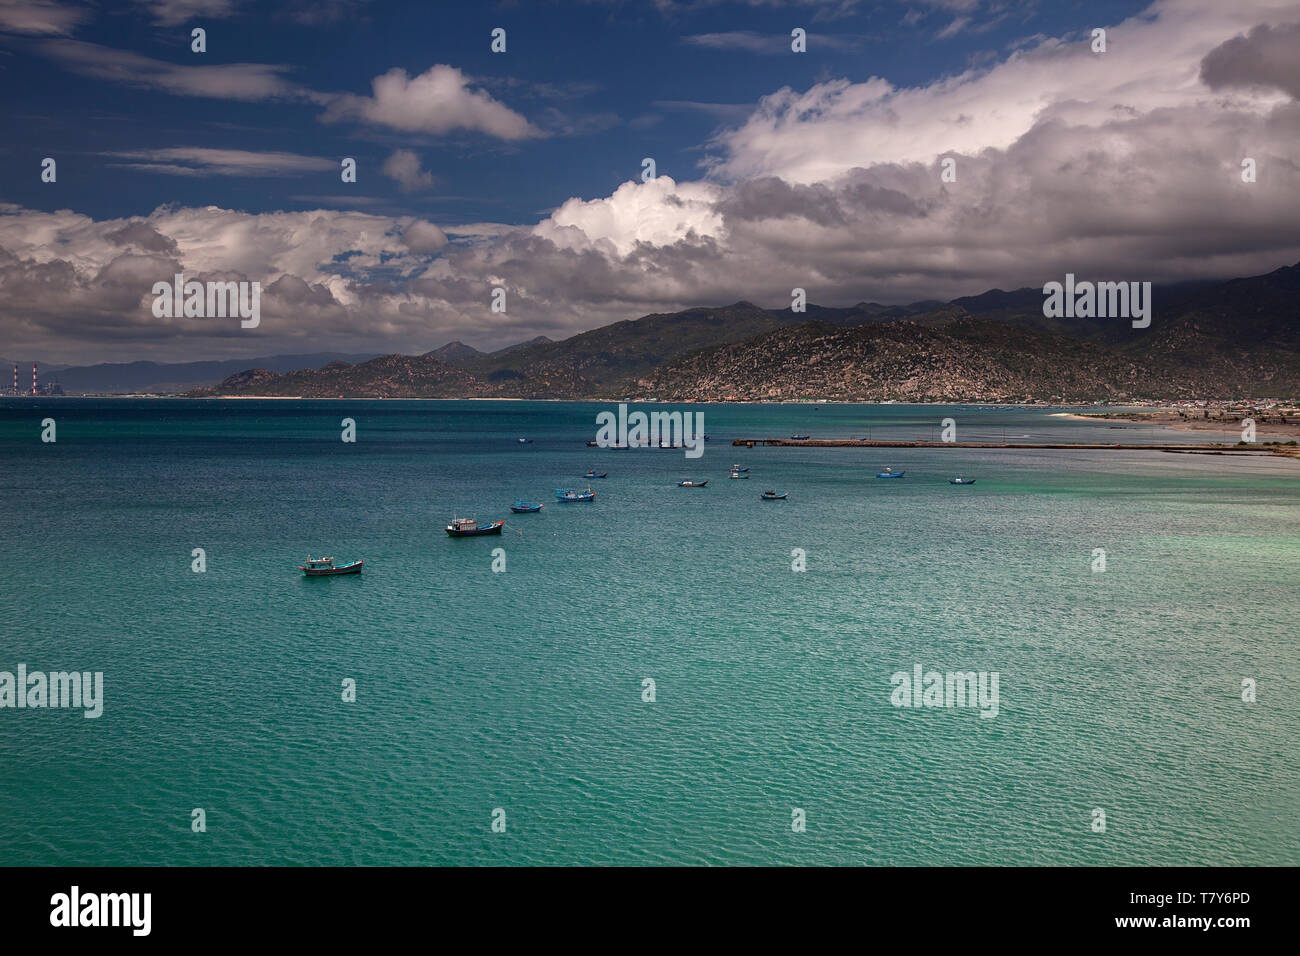 Landscape at Vinh Hy, South China Sea,Ninh Thuan, Vietnam - Stock Image